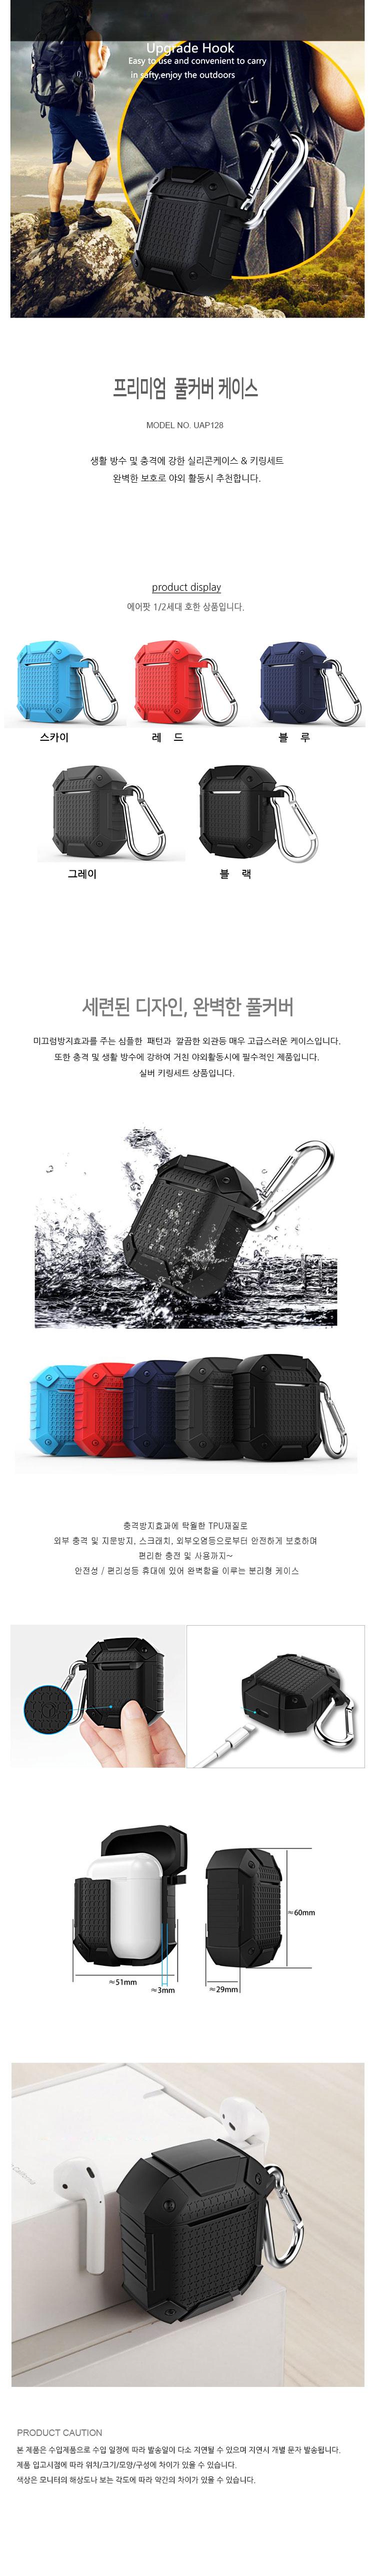 에어팟 에어팟2 케이스 생활방수 실리콘 분실방지고리 - 유니커블, 7,500원, 이어폰, 이어폰 악세서리